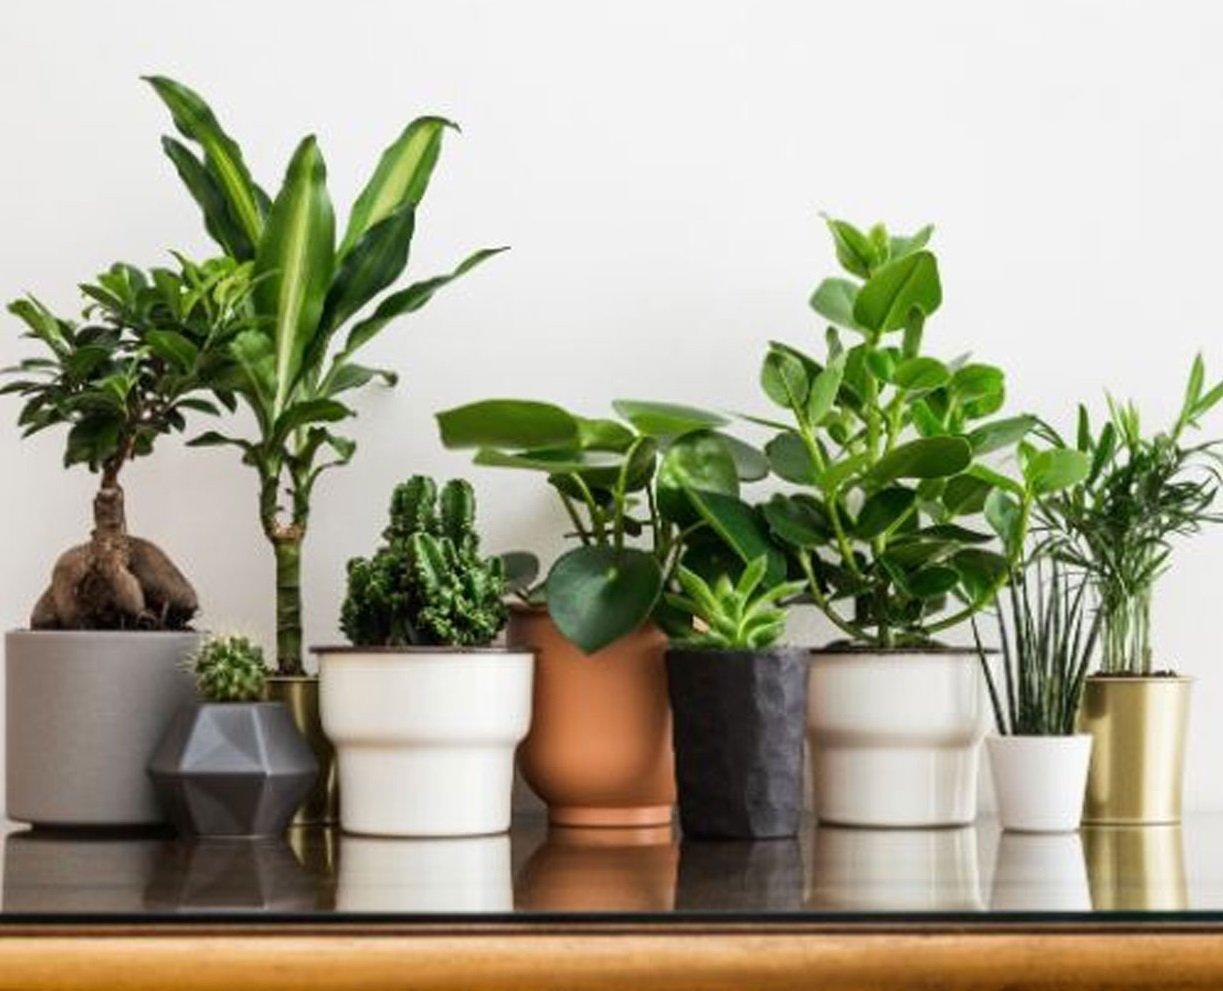 П'ять кімнатних рослин, які на 85% очищають повітря в кімнаті від шкідливих домішок